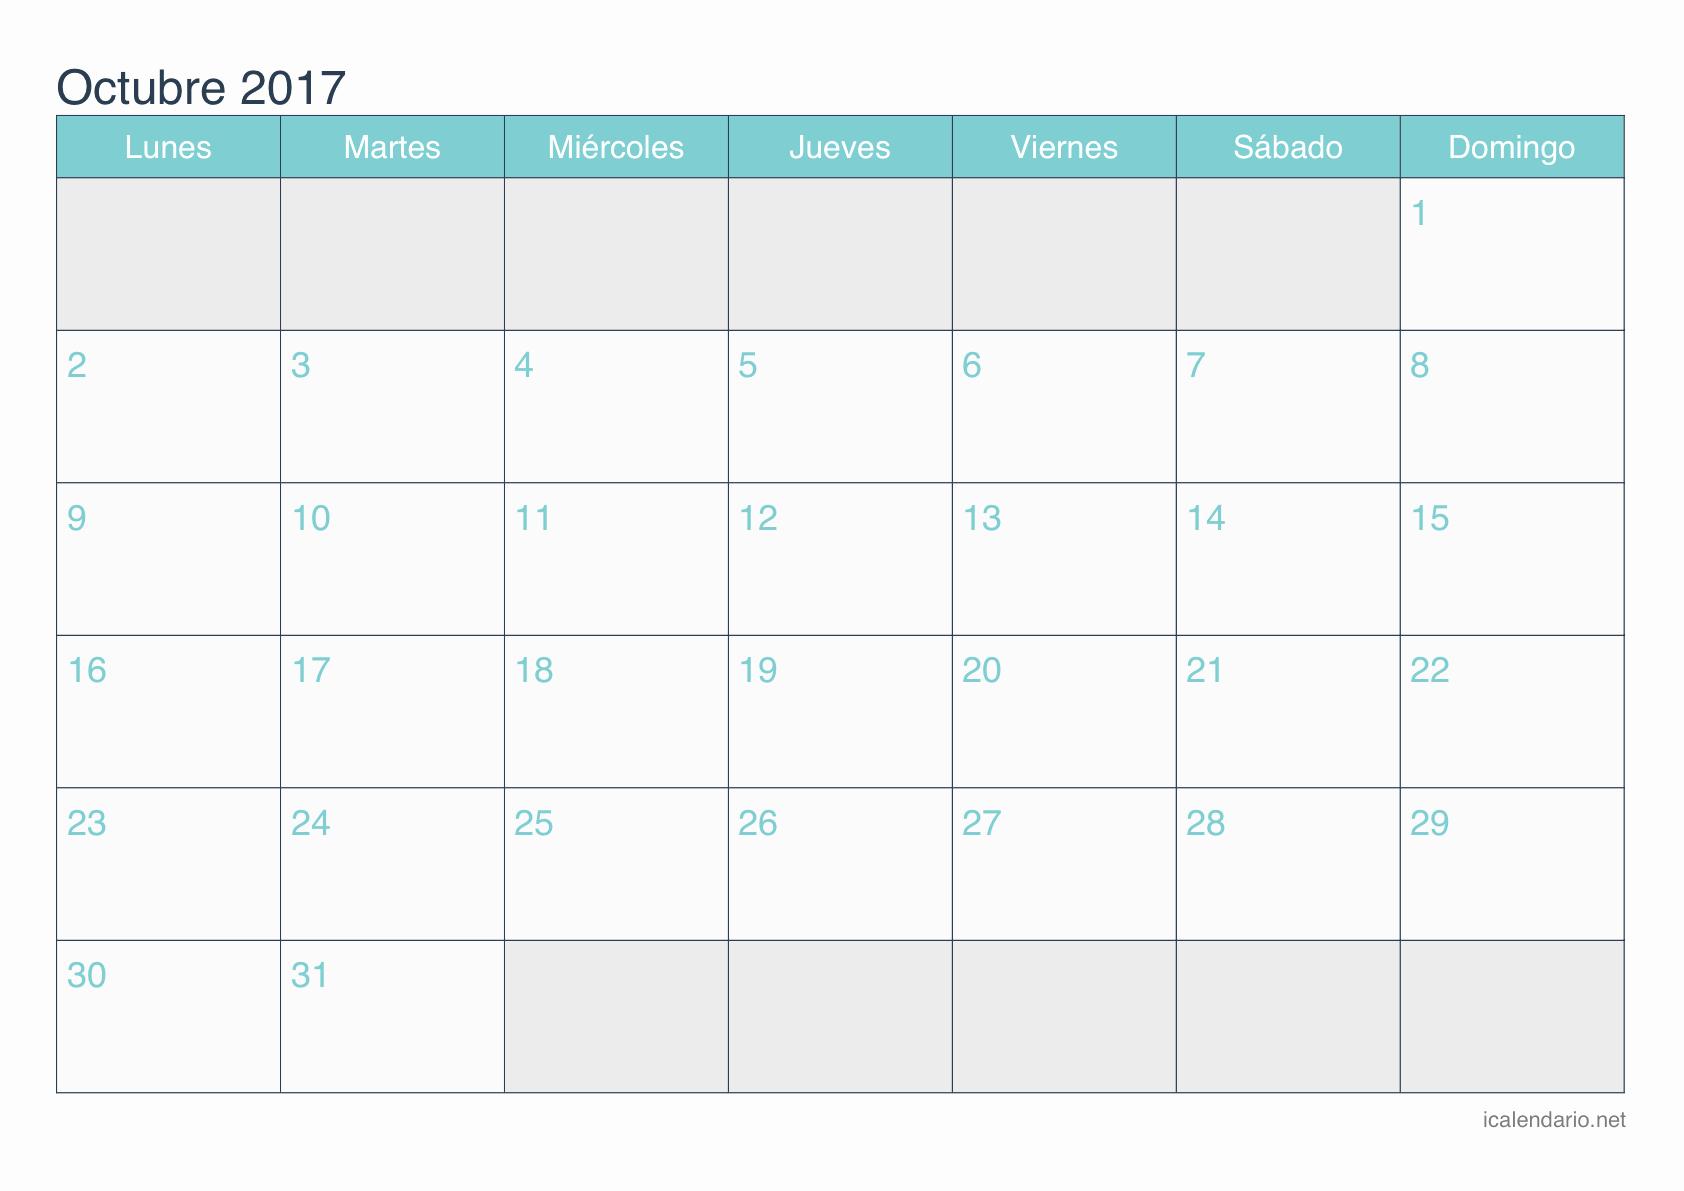 Calendario Anual 2017 Para Imprimir Best Of Calendario Octubre 2017 Para Imprimir Icalendario